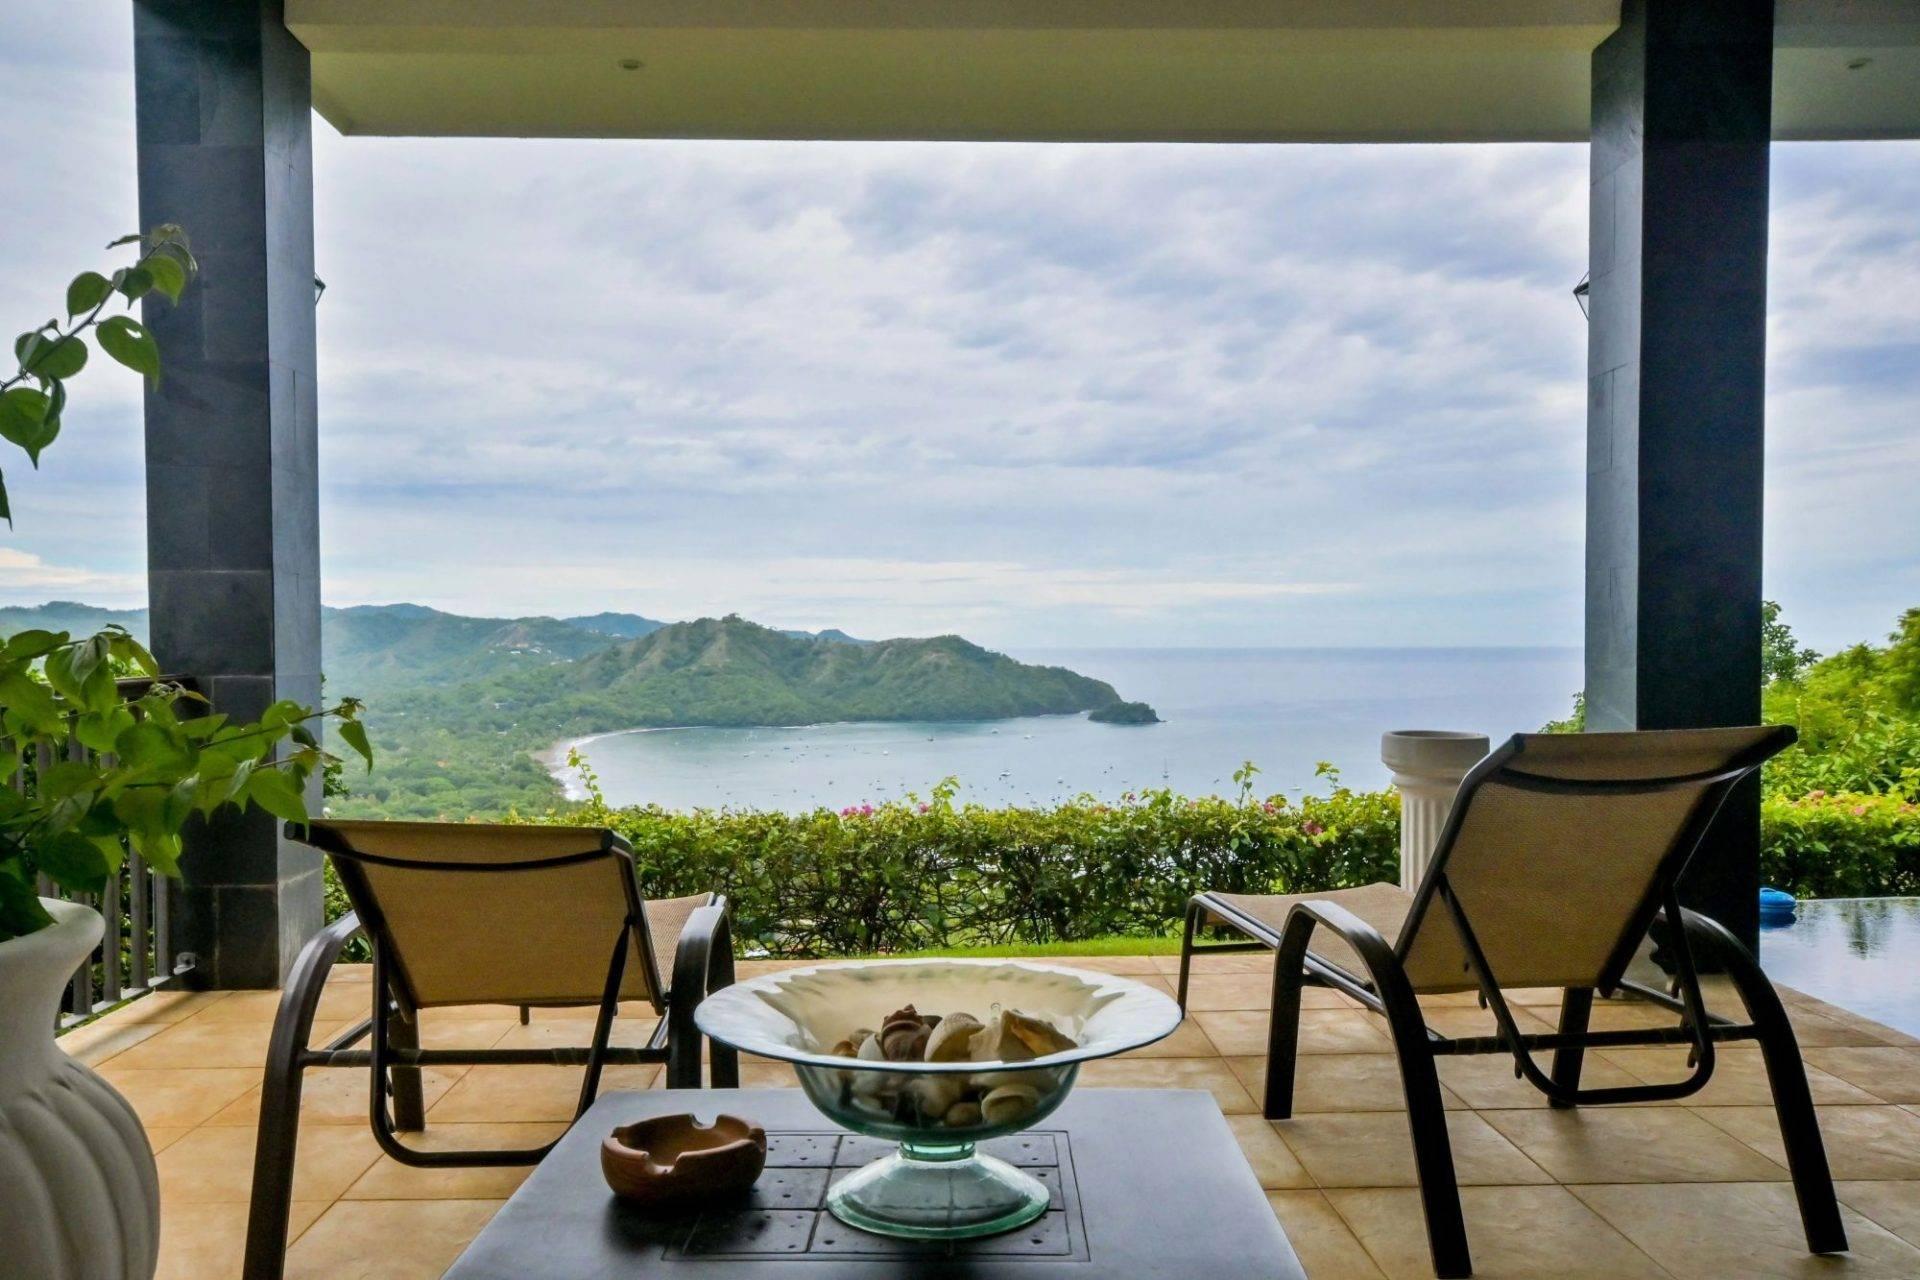 Casa Del Mar- Amazing Ocean View Home in Playas del Coco